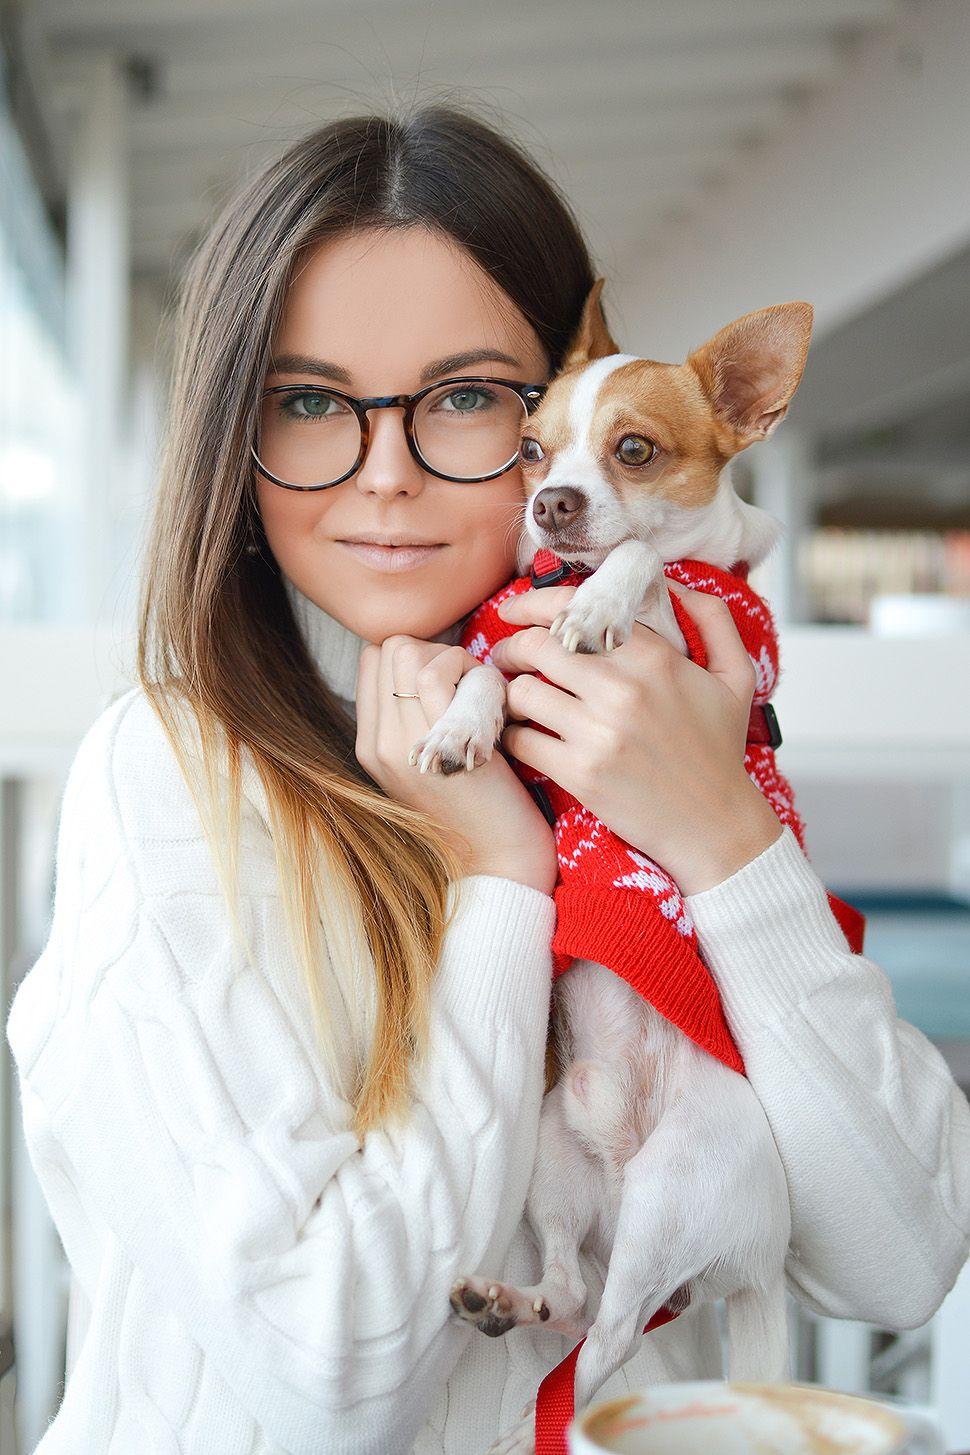 The Bellis Family Sunday Lifestyle By Tamara Bellis Shiny Honey Fashion And Lifestyle Blog Corfu Greece Dog Sitting Pet Sitters Pet Sitting Business